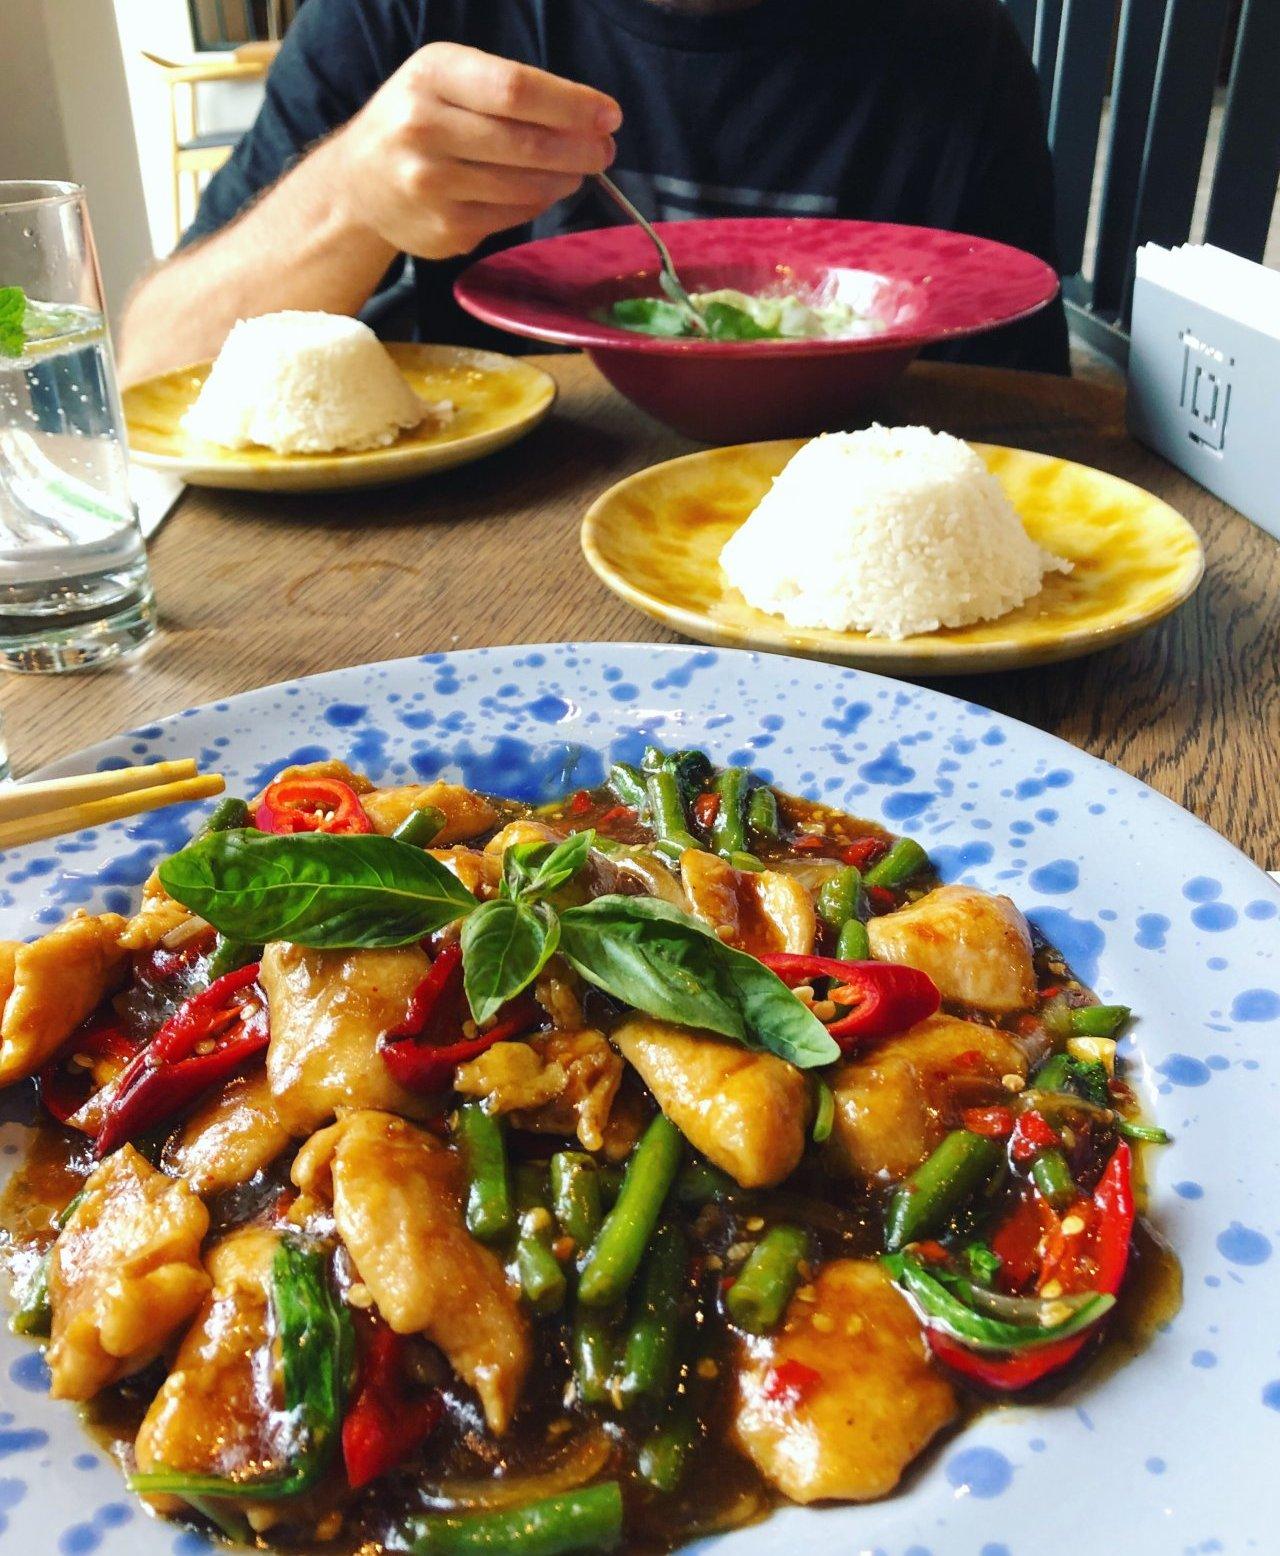 kurczak z woka z tajską bazylią na niebieskim talerzu, na drugim planie zielone curry i dwie porcje ryżu